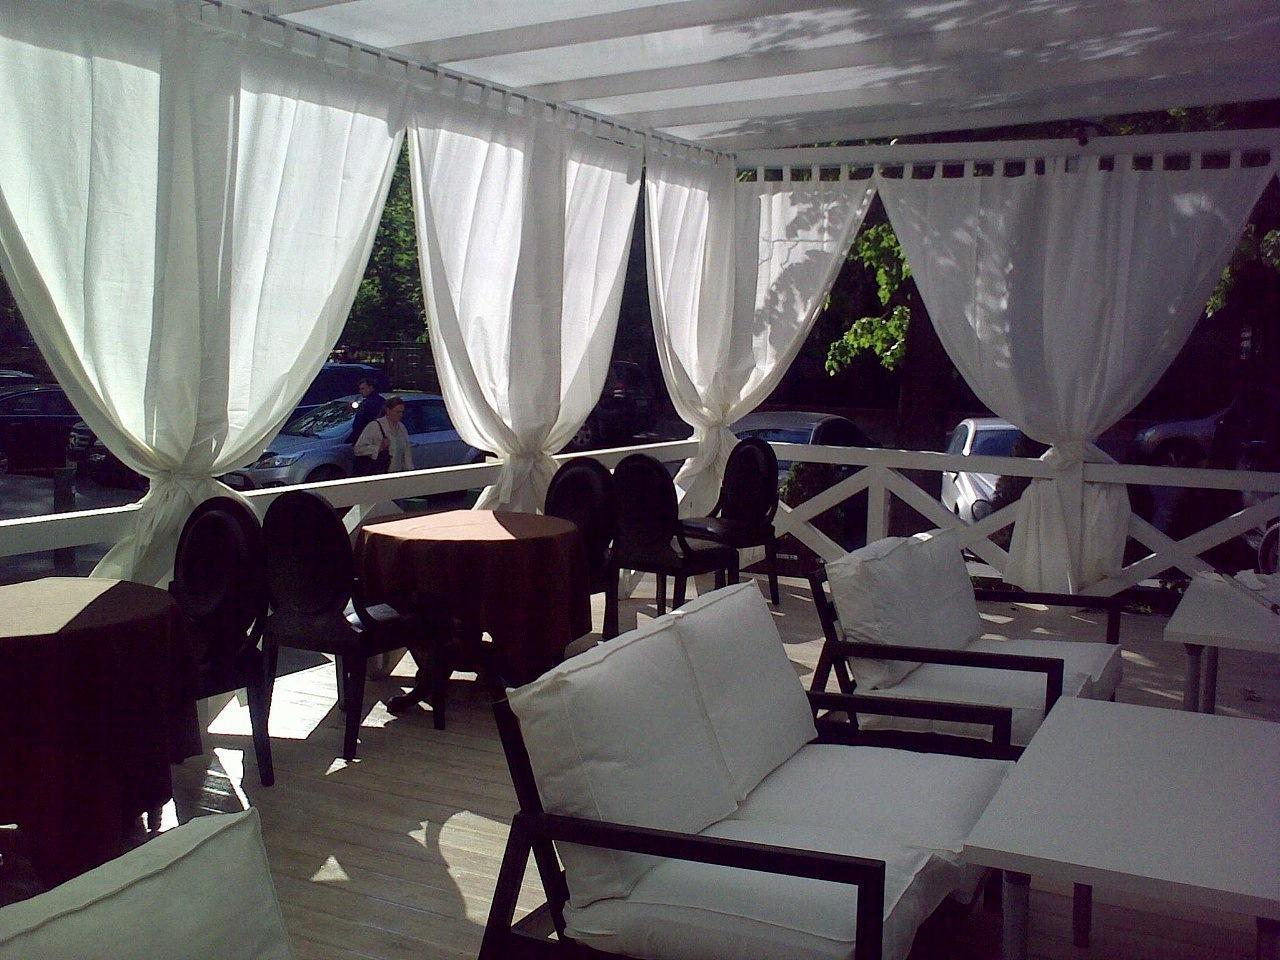 Ресторан Emporio Cafe (Эмпорио Кафе) фото 58